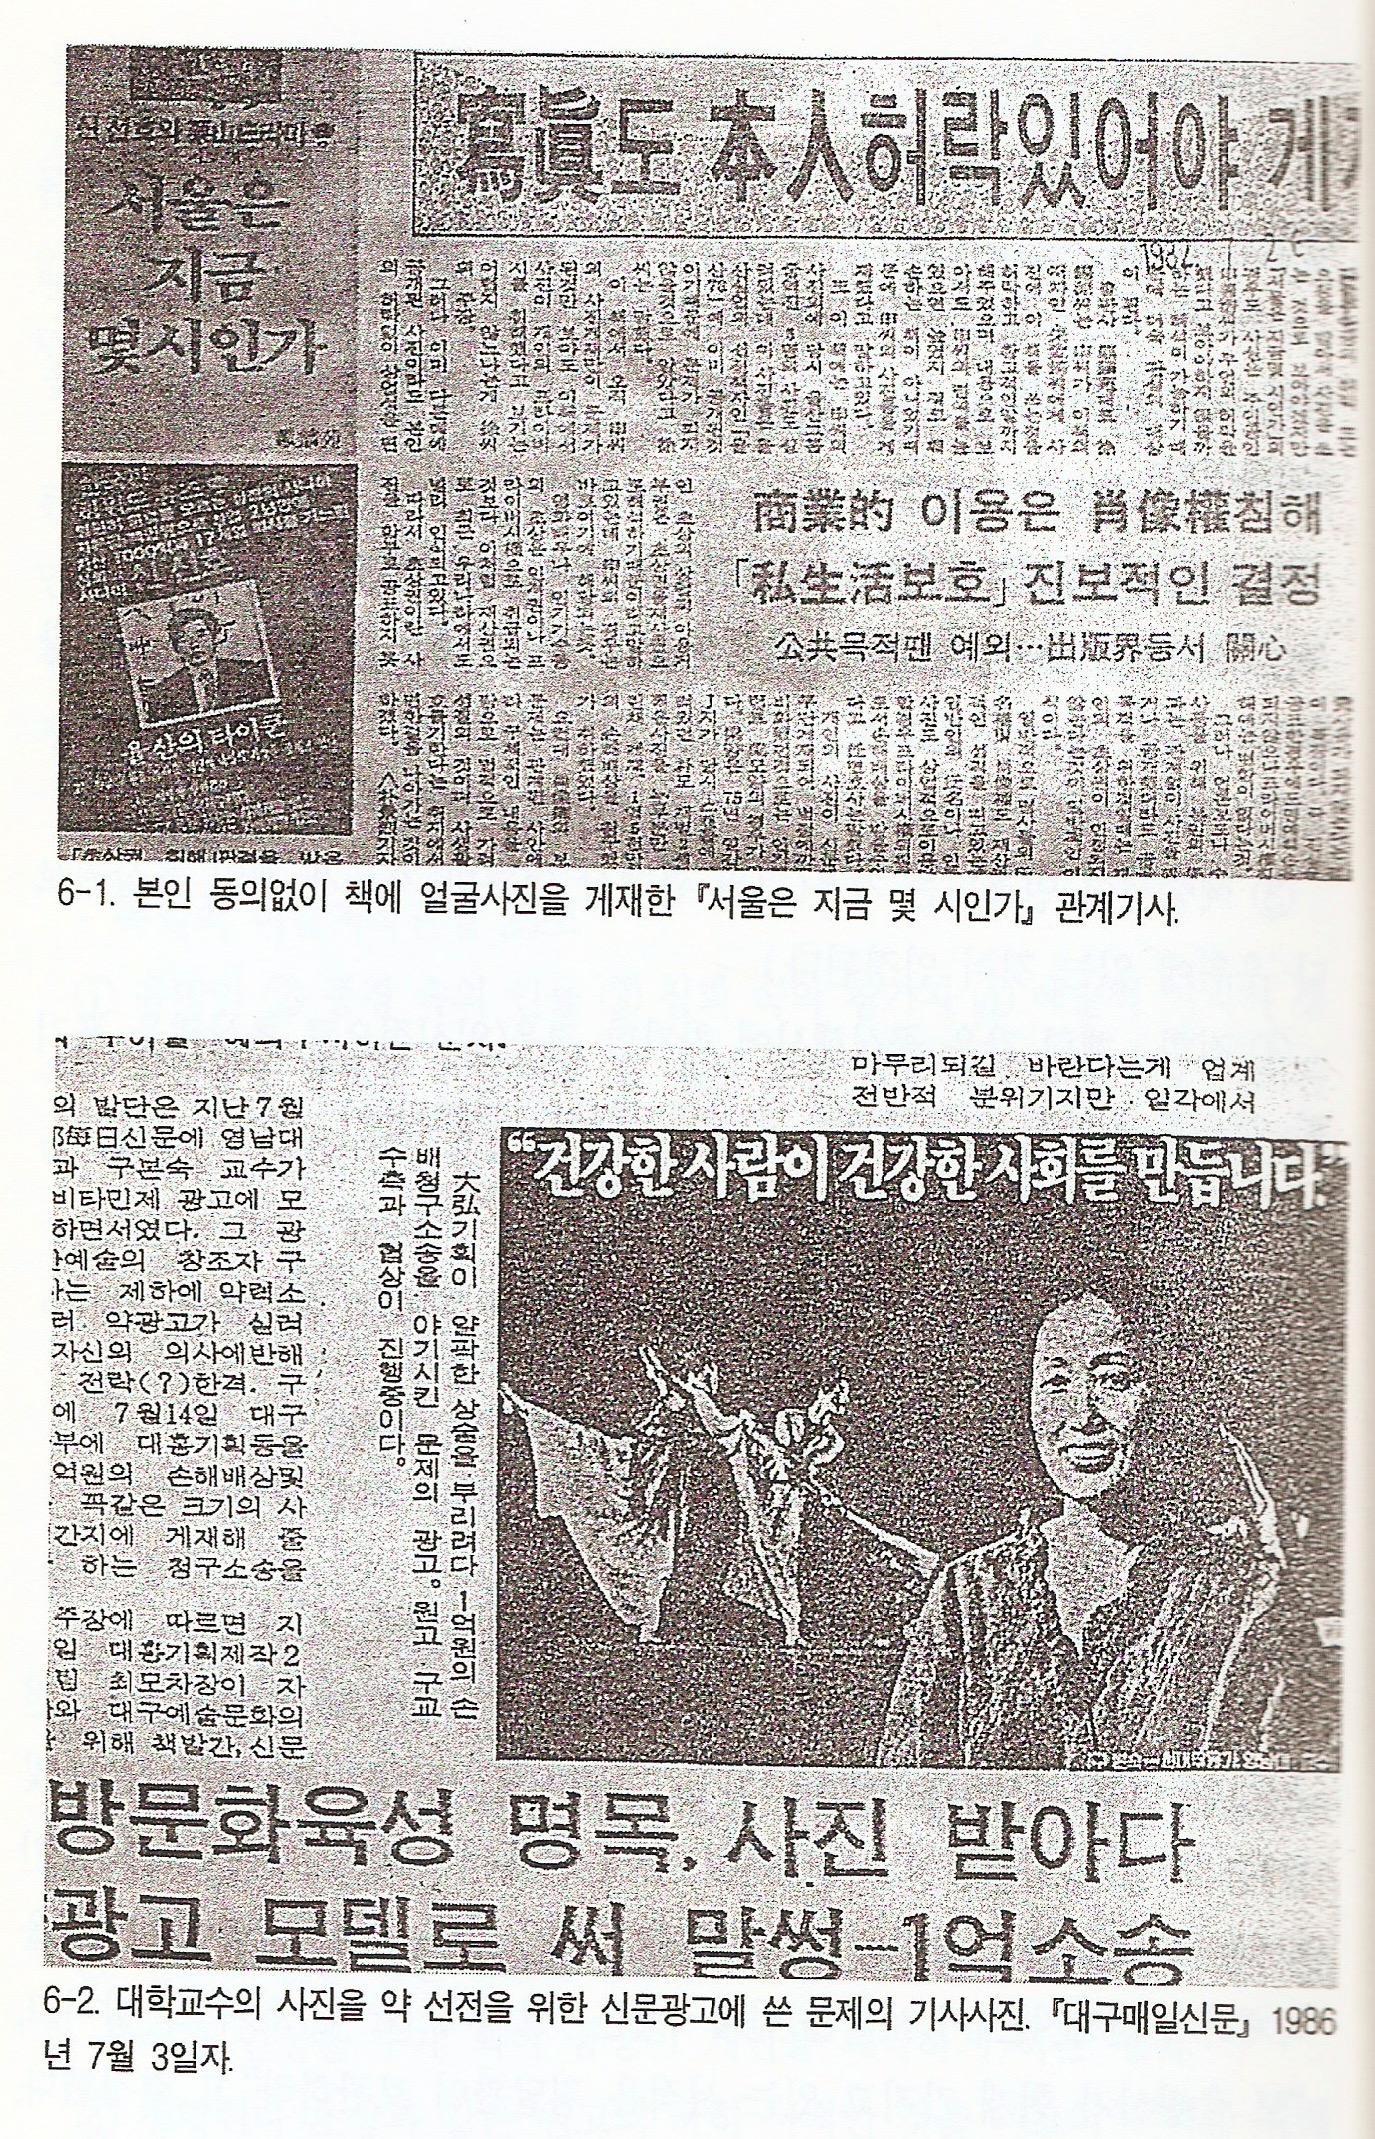 From 한국신문사진론, by 장충종p. 182.